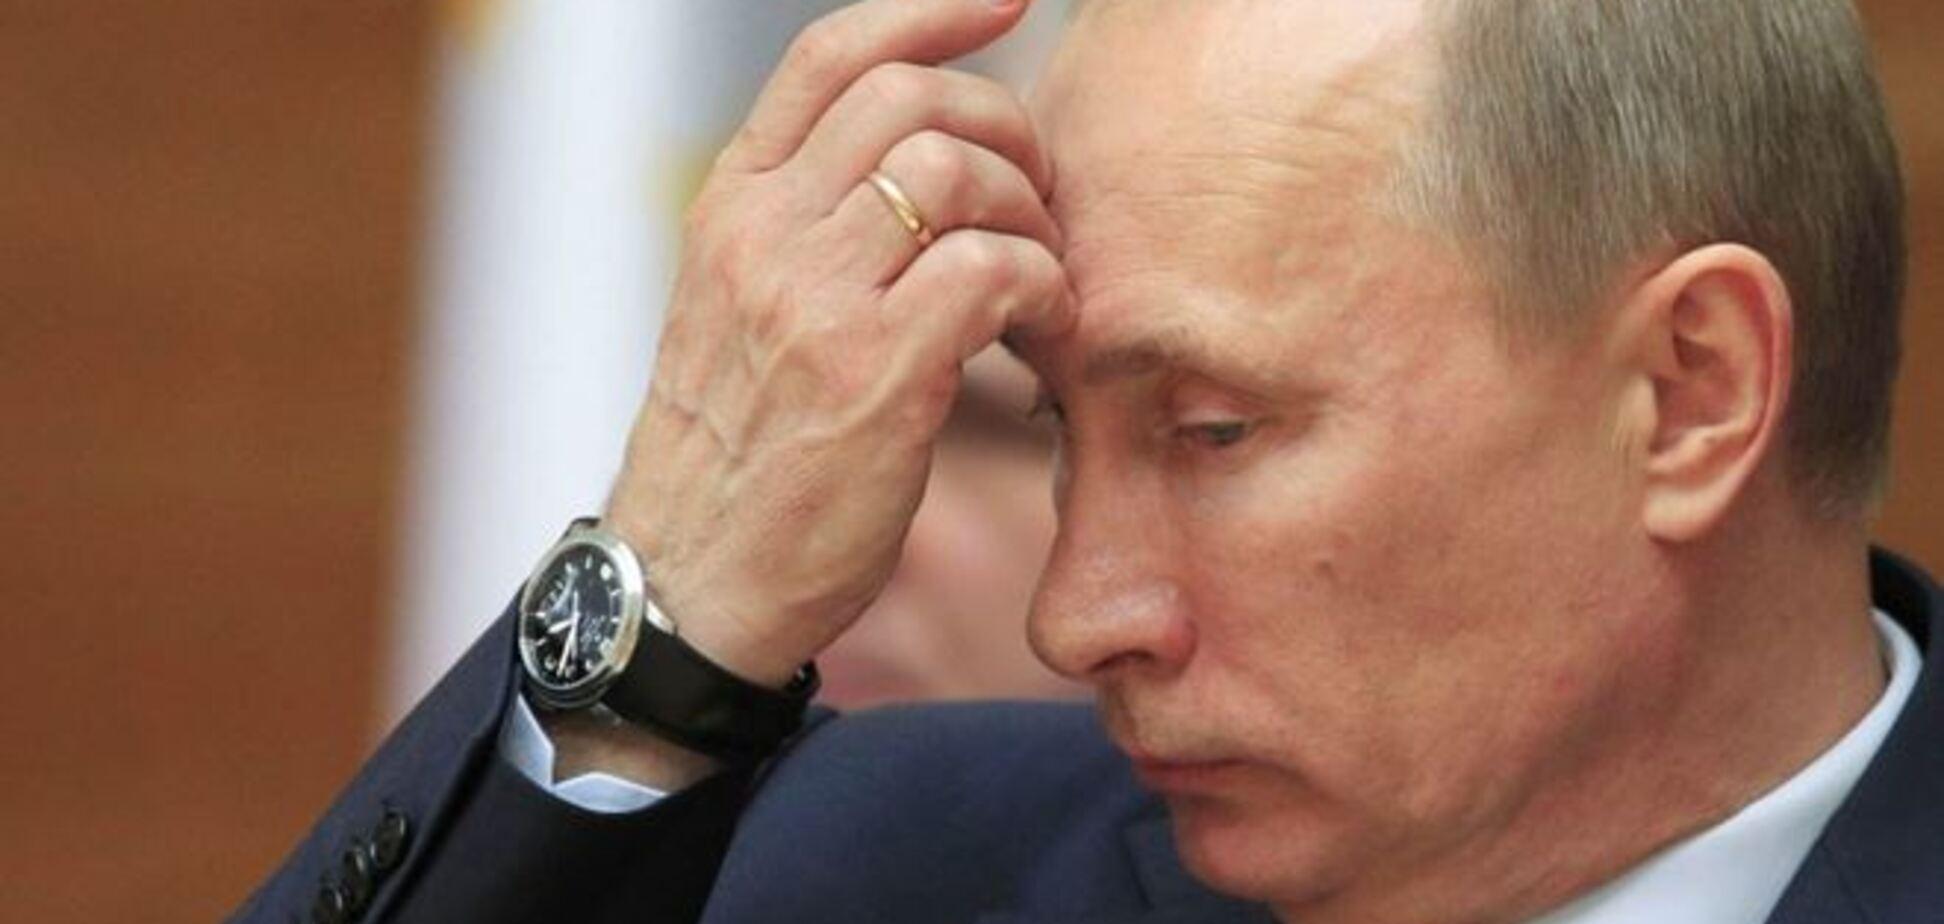 Из двух вариантов Путин выбрал третий – для себя самый плохой. Что дальше?